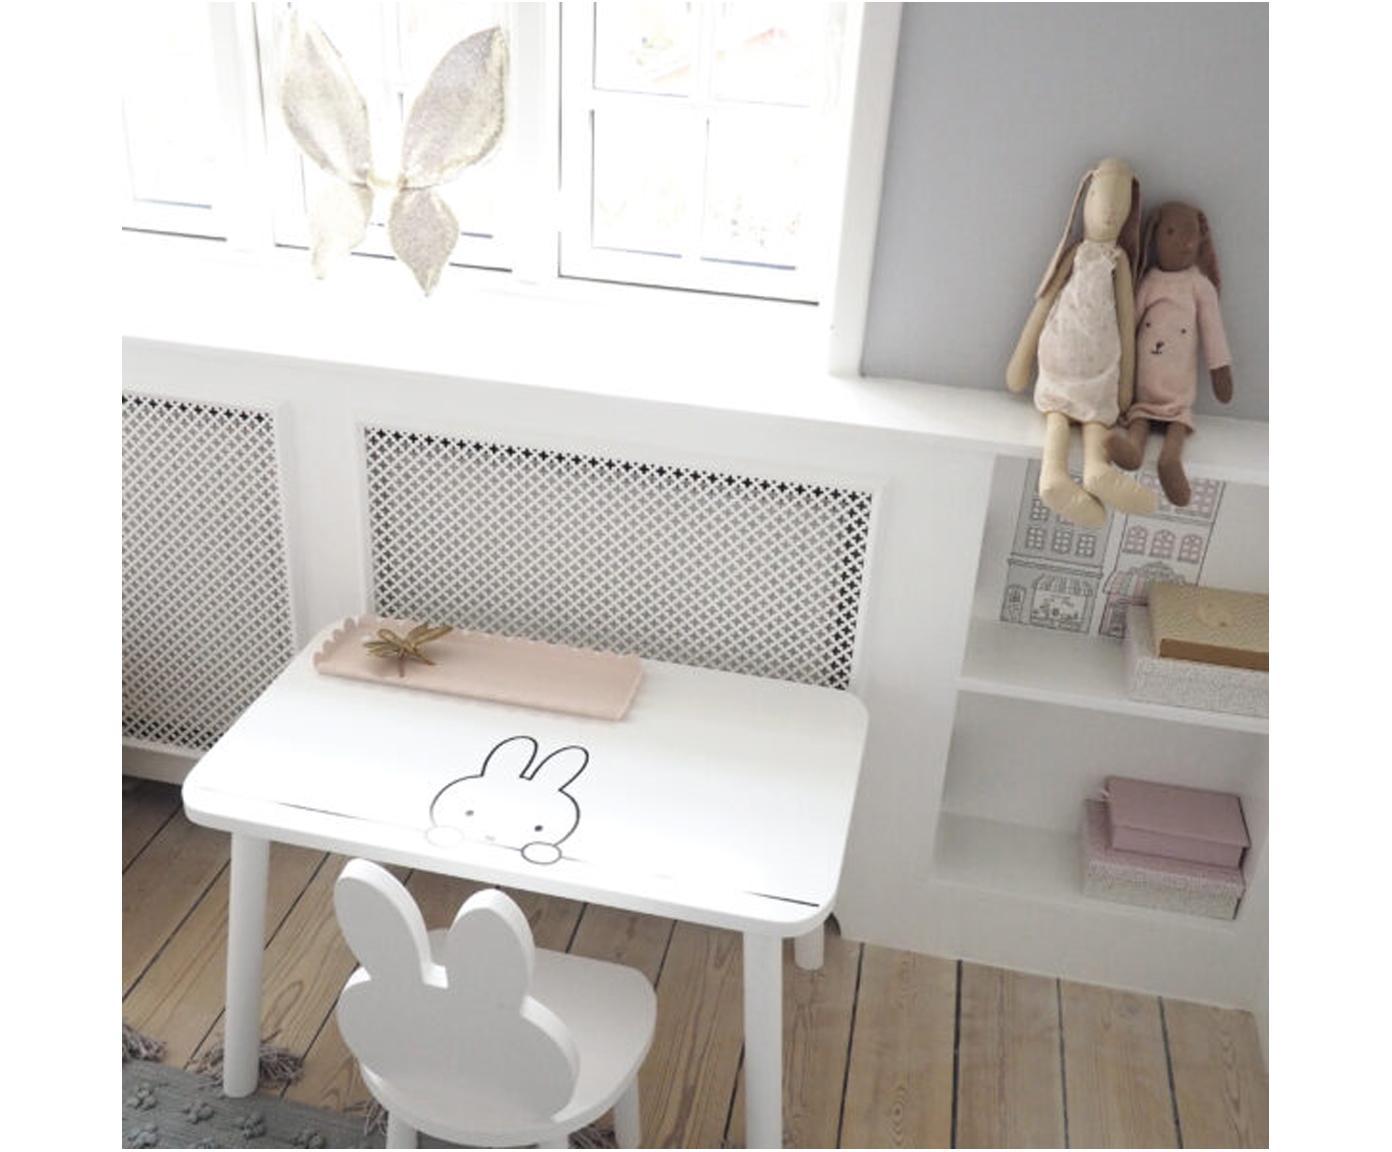 Kindertisch Miffy, Tischplatte: Mitteldichte Holzfaserpla, Beine: Kiefernholz, Weiss, Schwarz, 75 x 45 cm